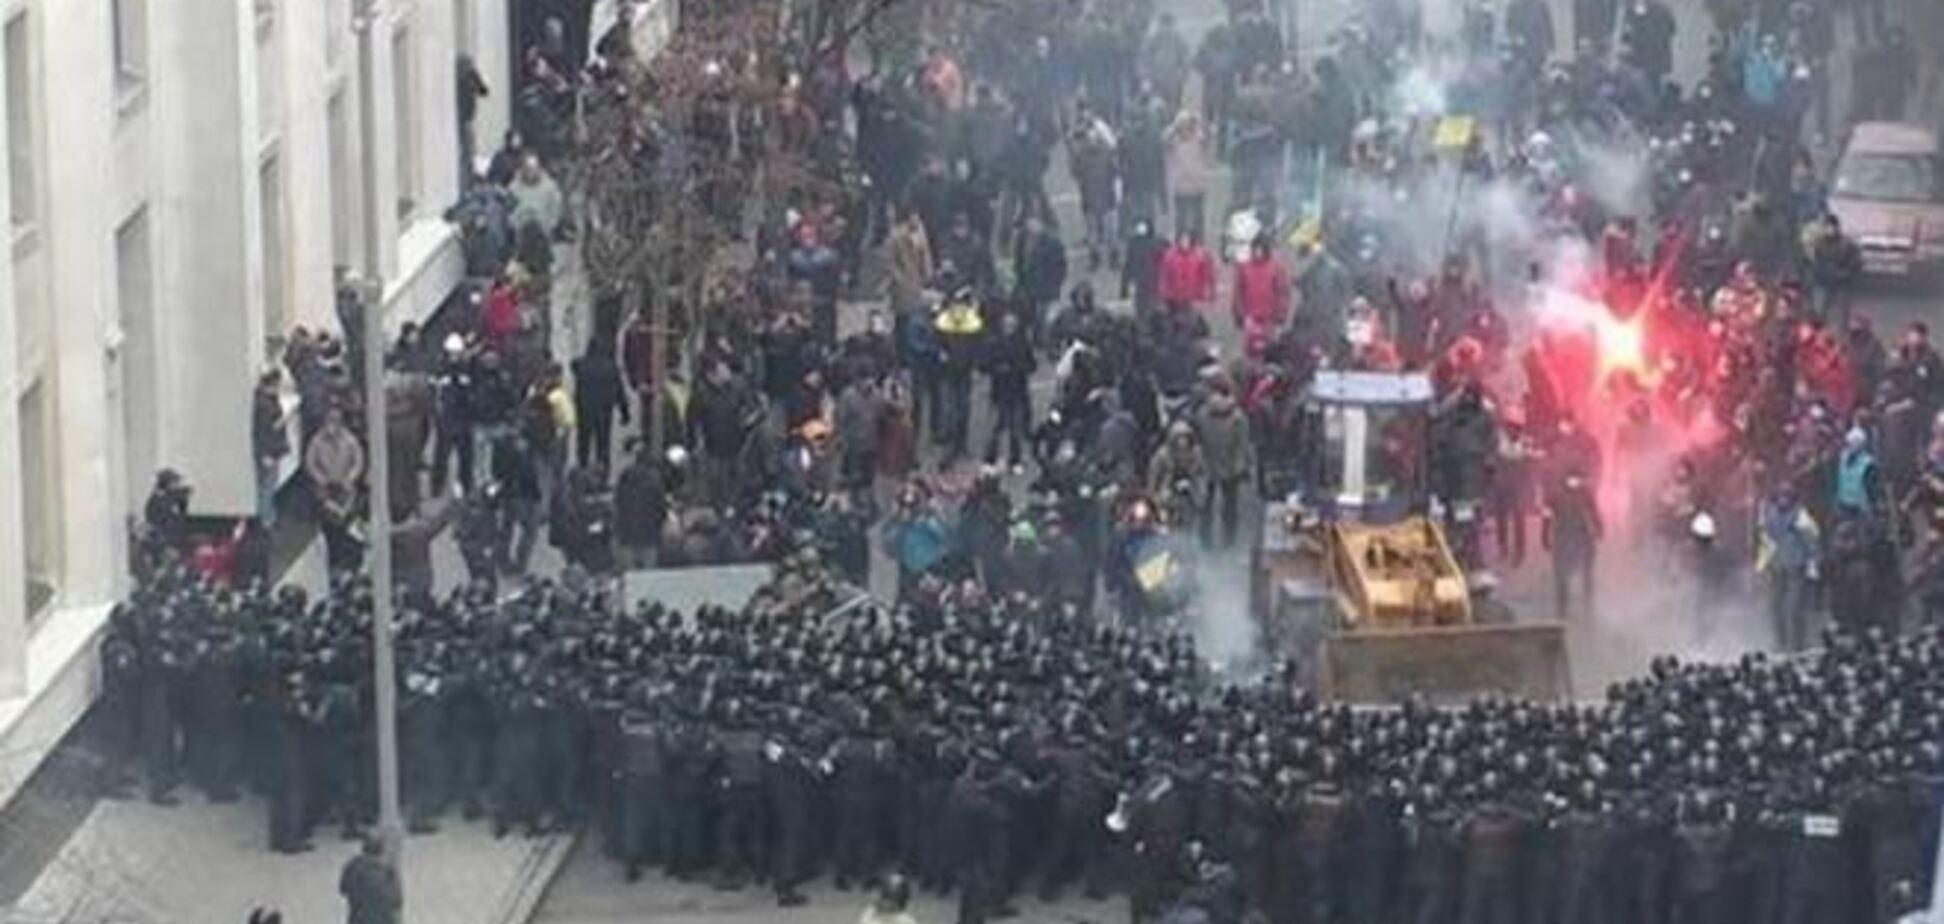 В ходе столкновений возле АП пострадали пять милиционеров - МВД